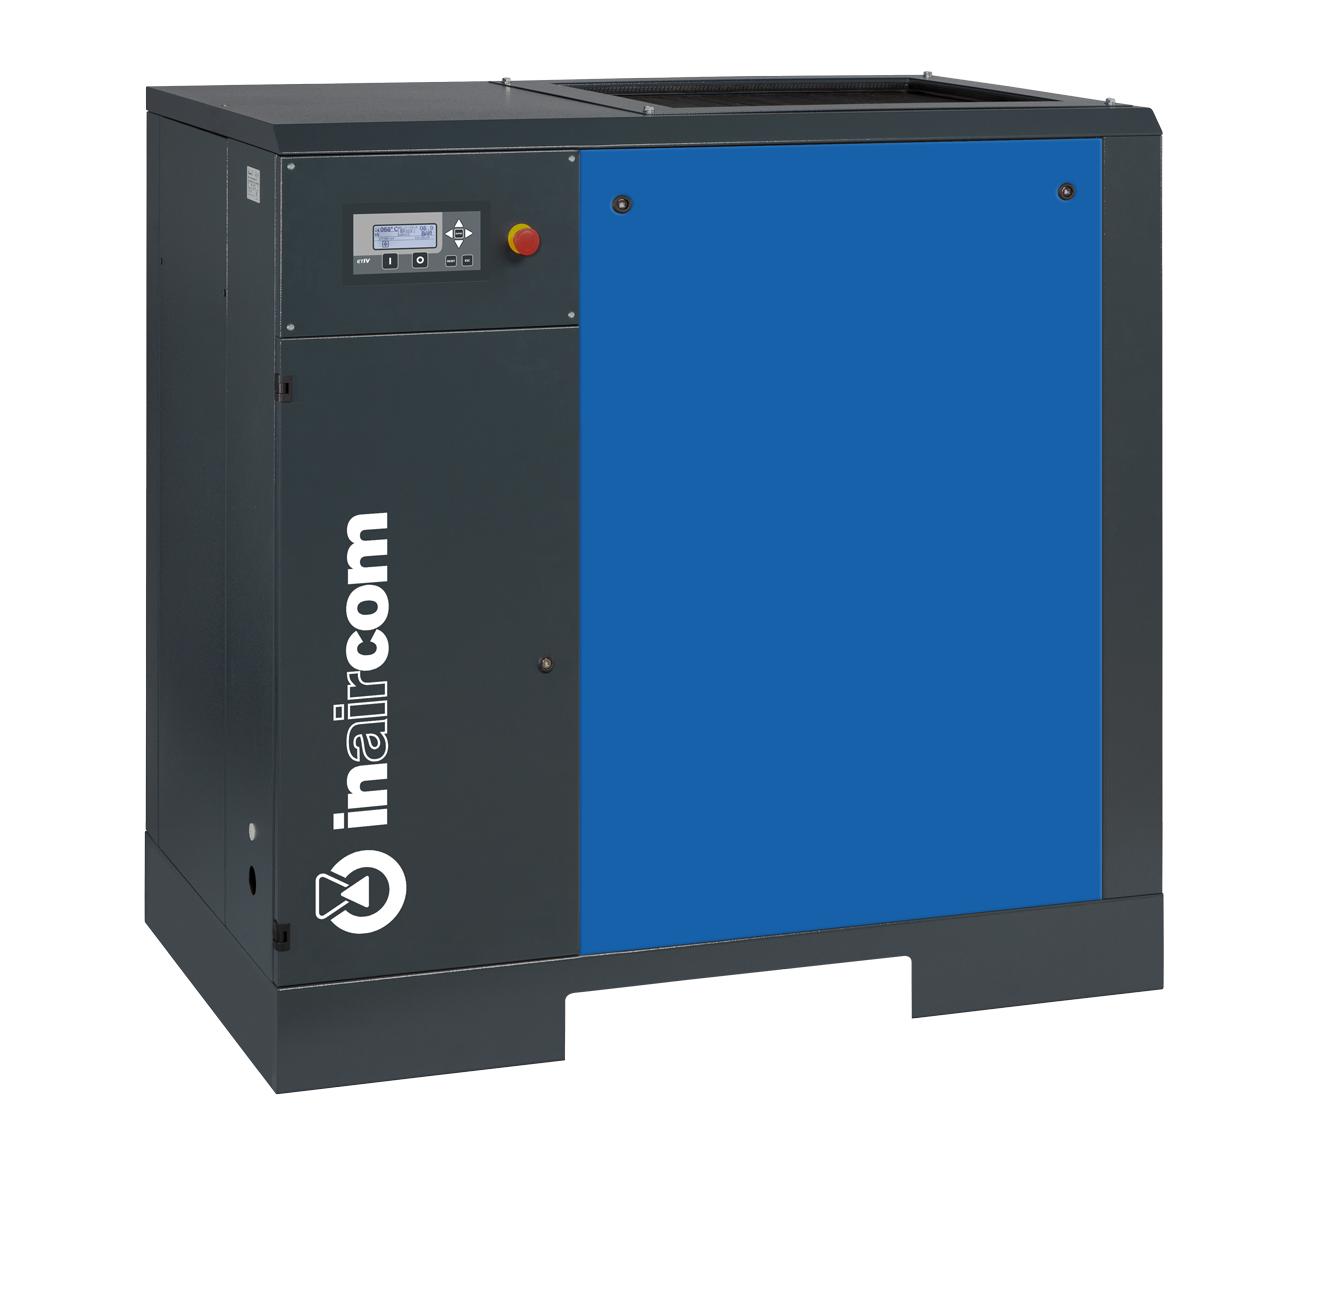 PSI-B 37-08 - Stacionární šroubový kompresor Ilustrativní foto